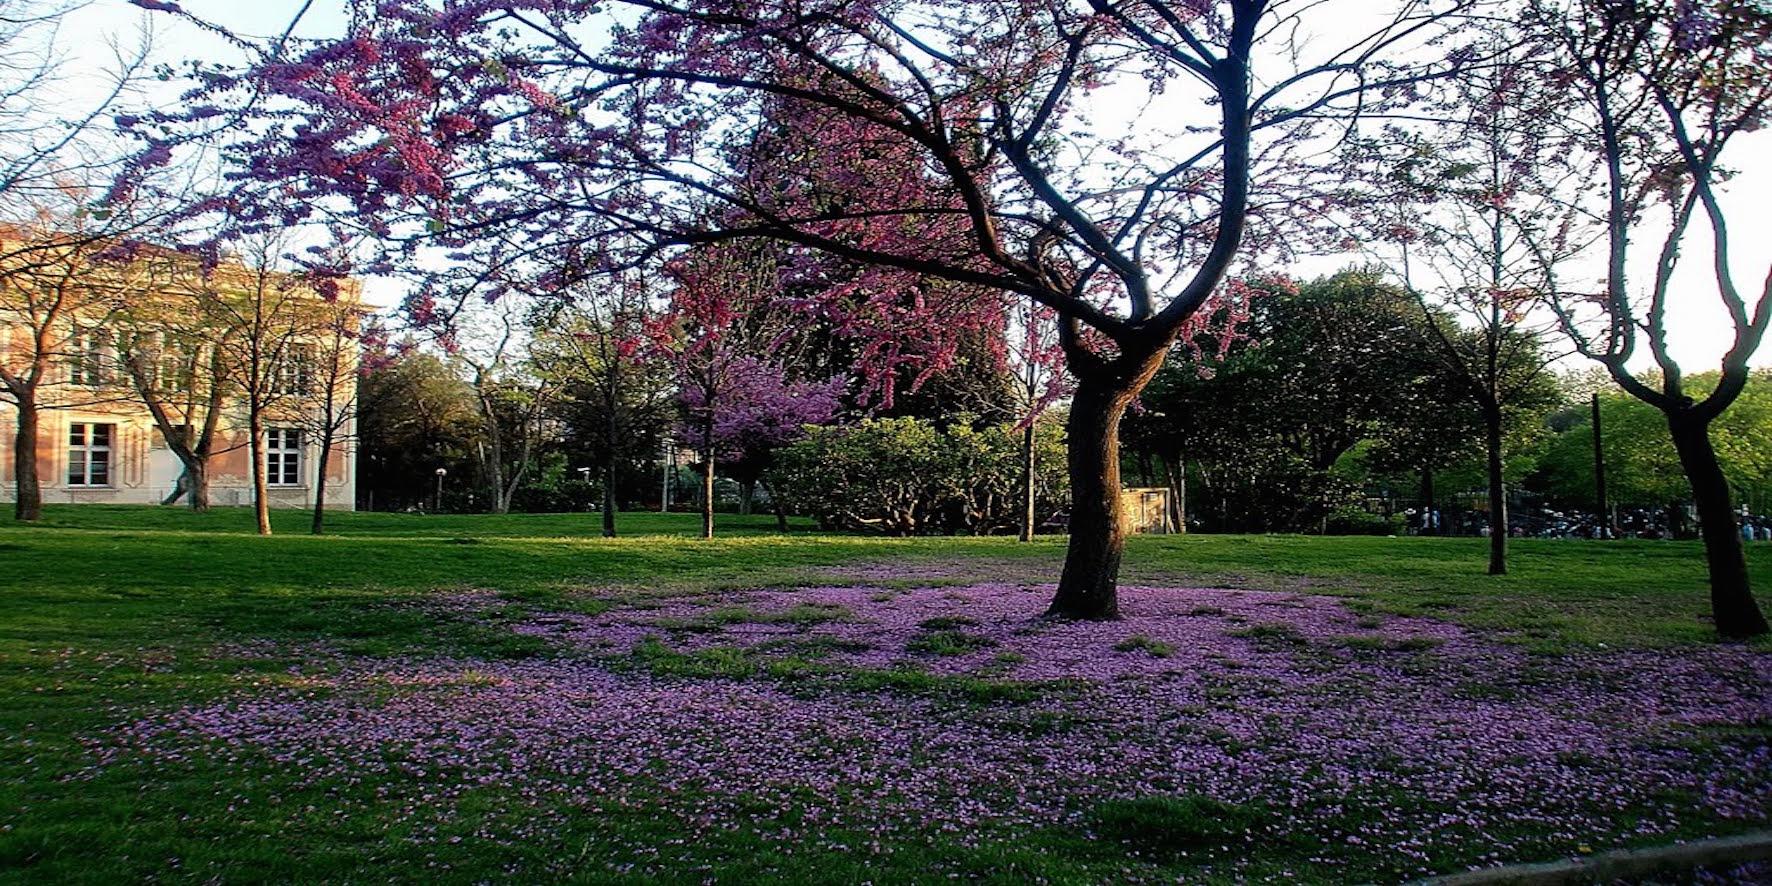 14 parques y jardines en barcelona para hacer senderismo for Parques y jardines